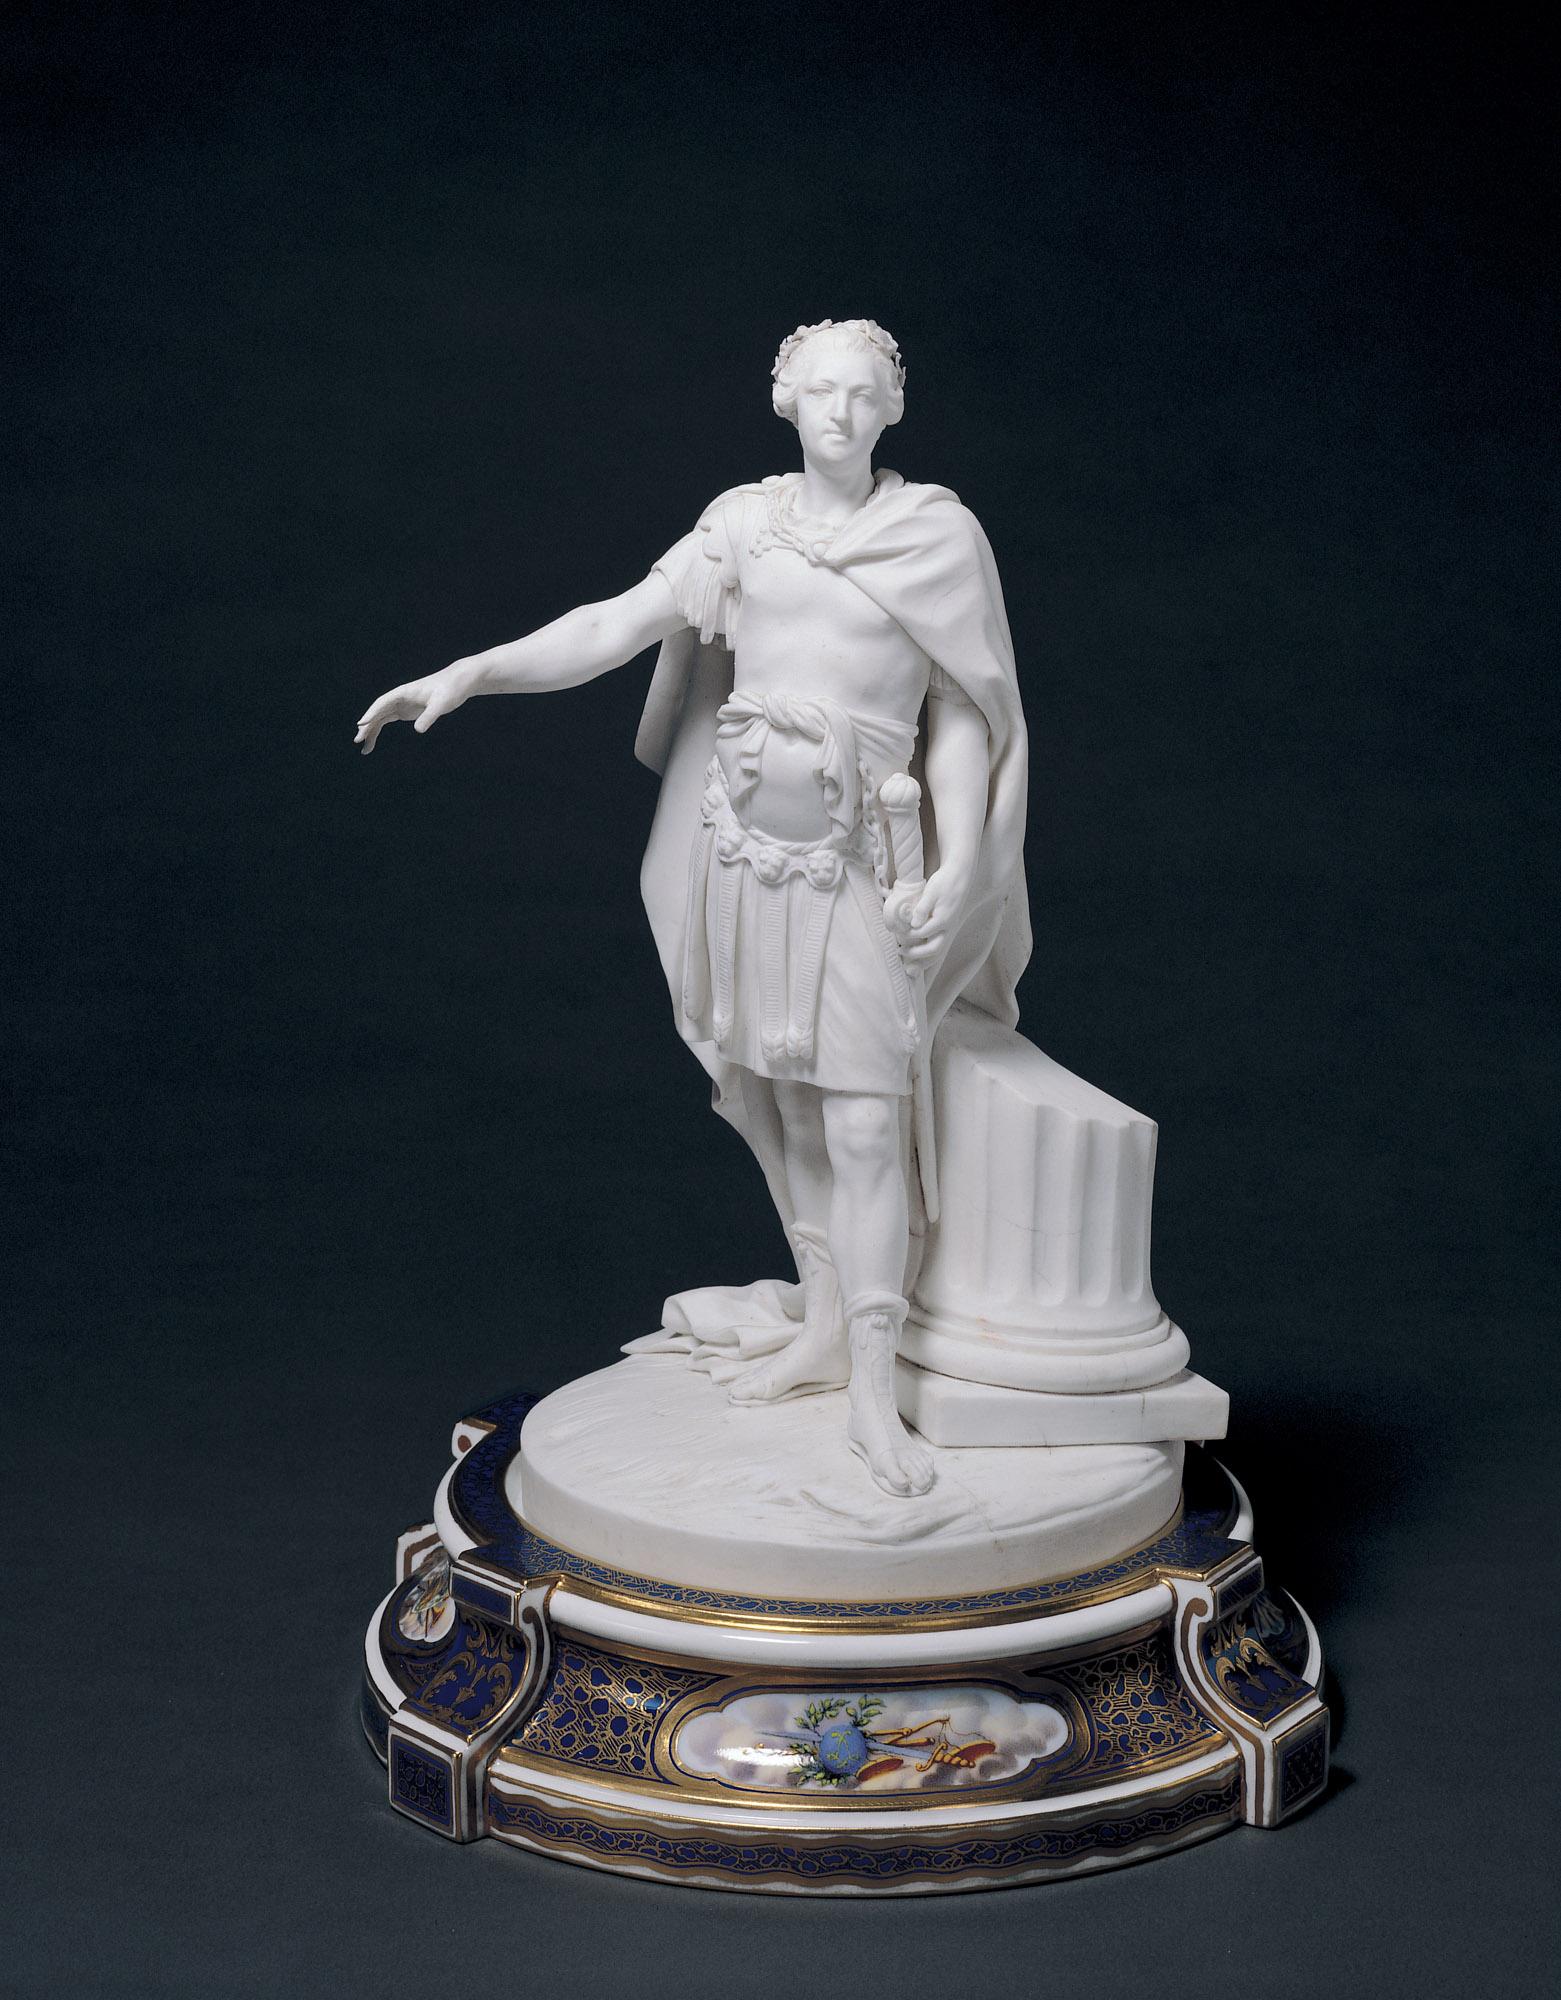 Sèvres Porcelain Factory,  Figurine of Louis XV , 1770, 1917.958